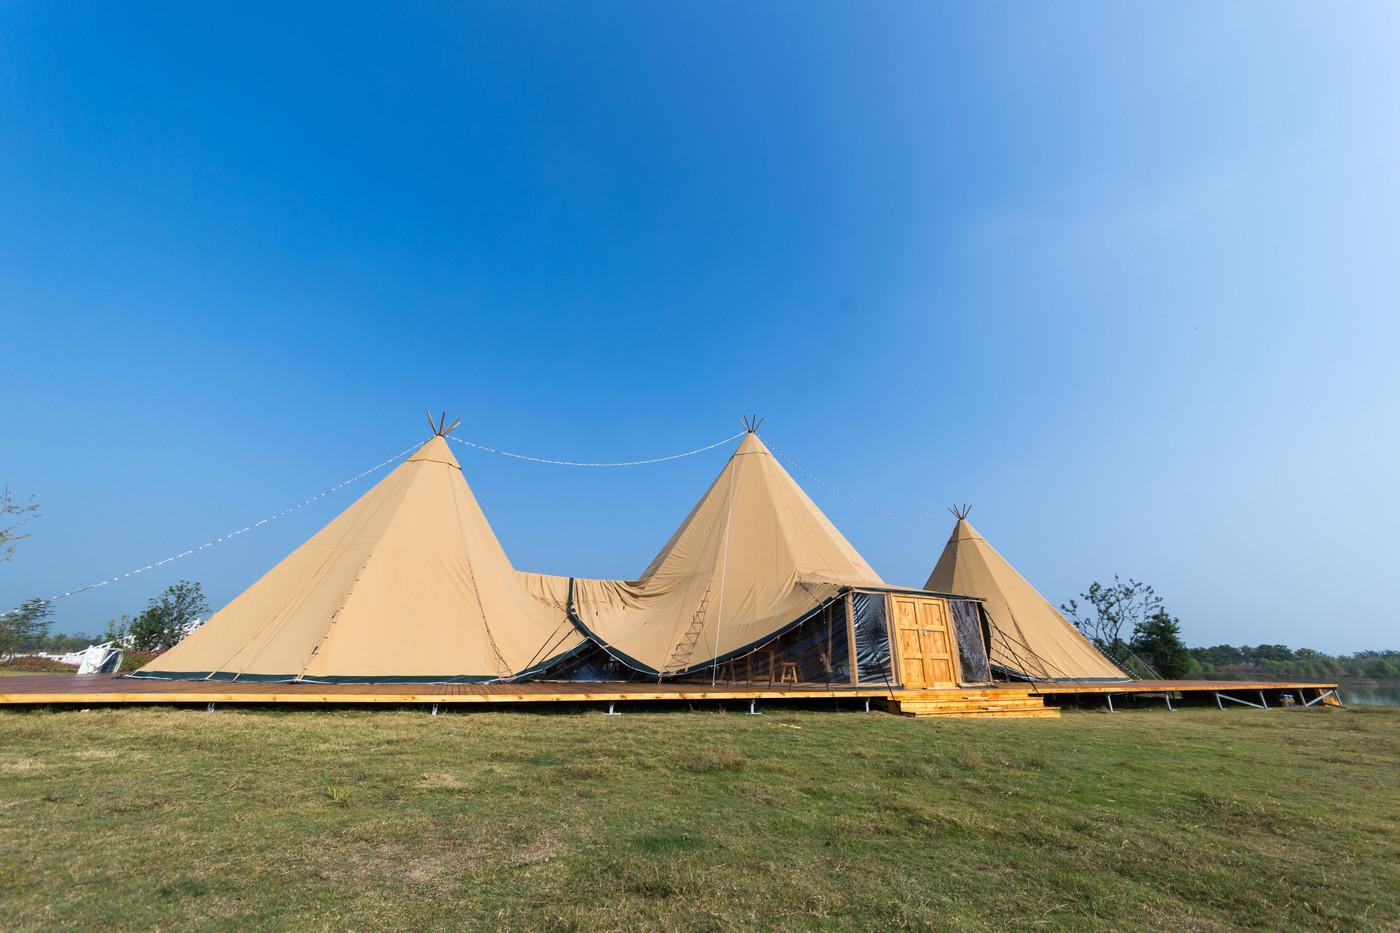 喜马拉雅印第安多功能大厅帐篷酒店1